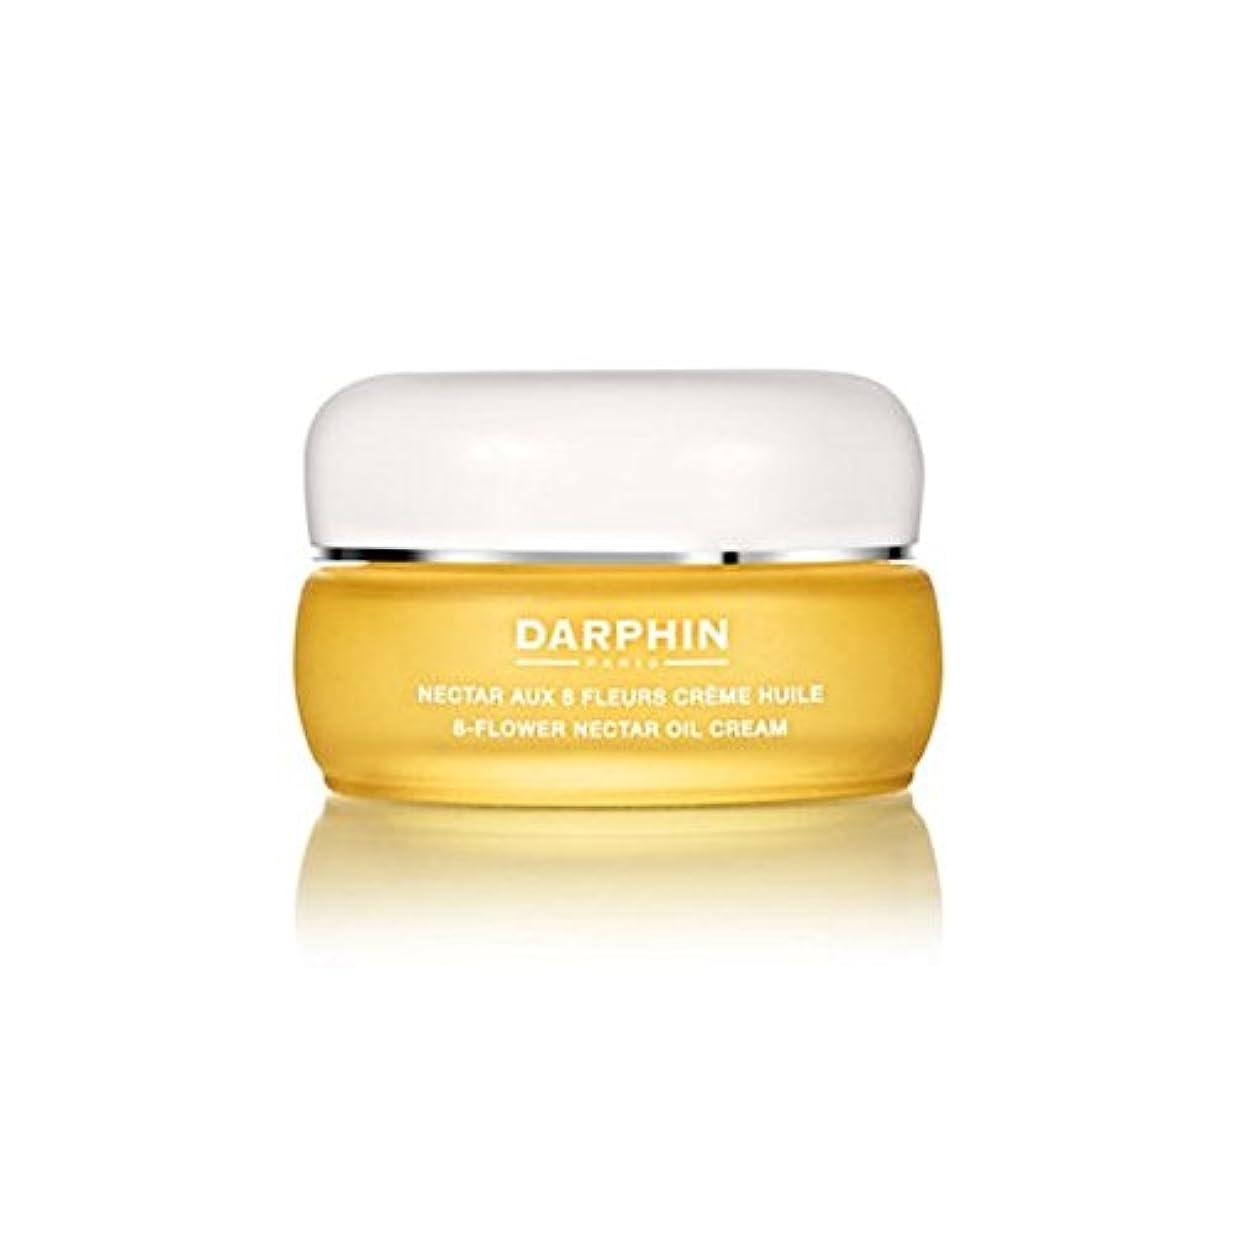 石油他の場所増幅するダルファン8フラワー油クリーム(30ミリリットル) x2 - Darphin 8-Flower Oil Cream (30ml) (Pack of 2) [並行輸入品]